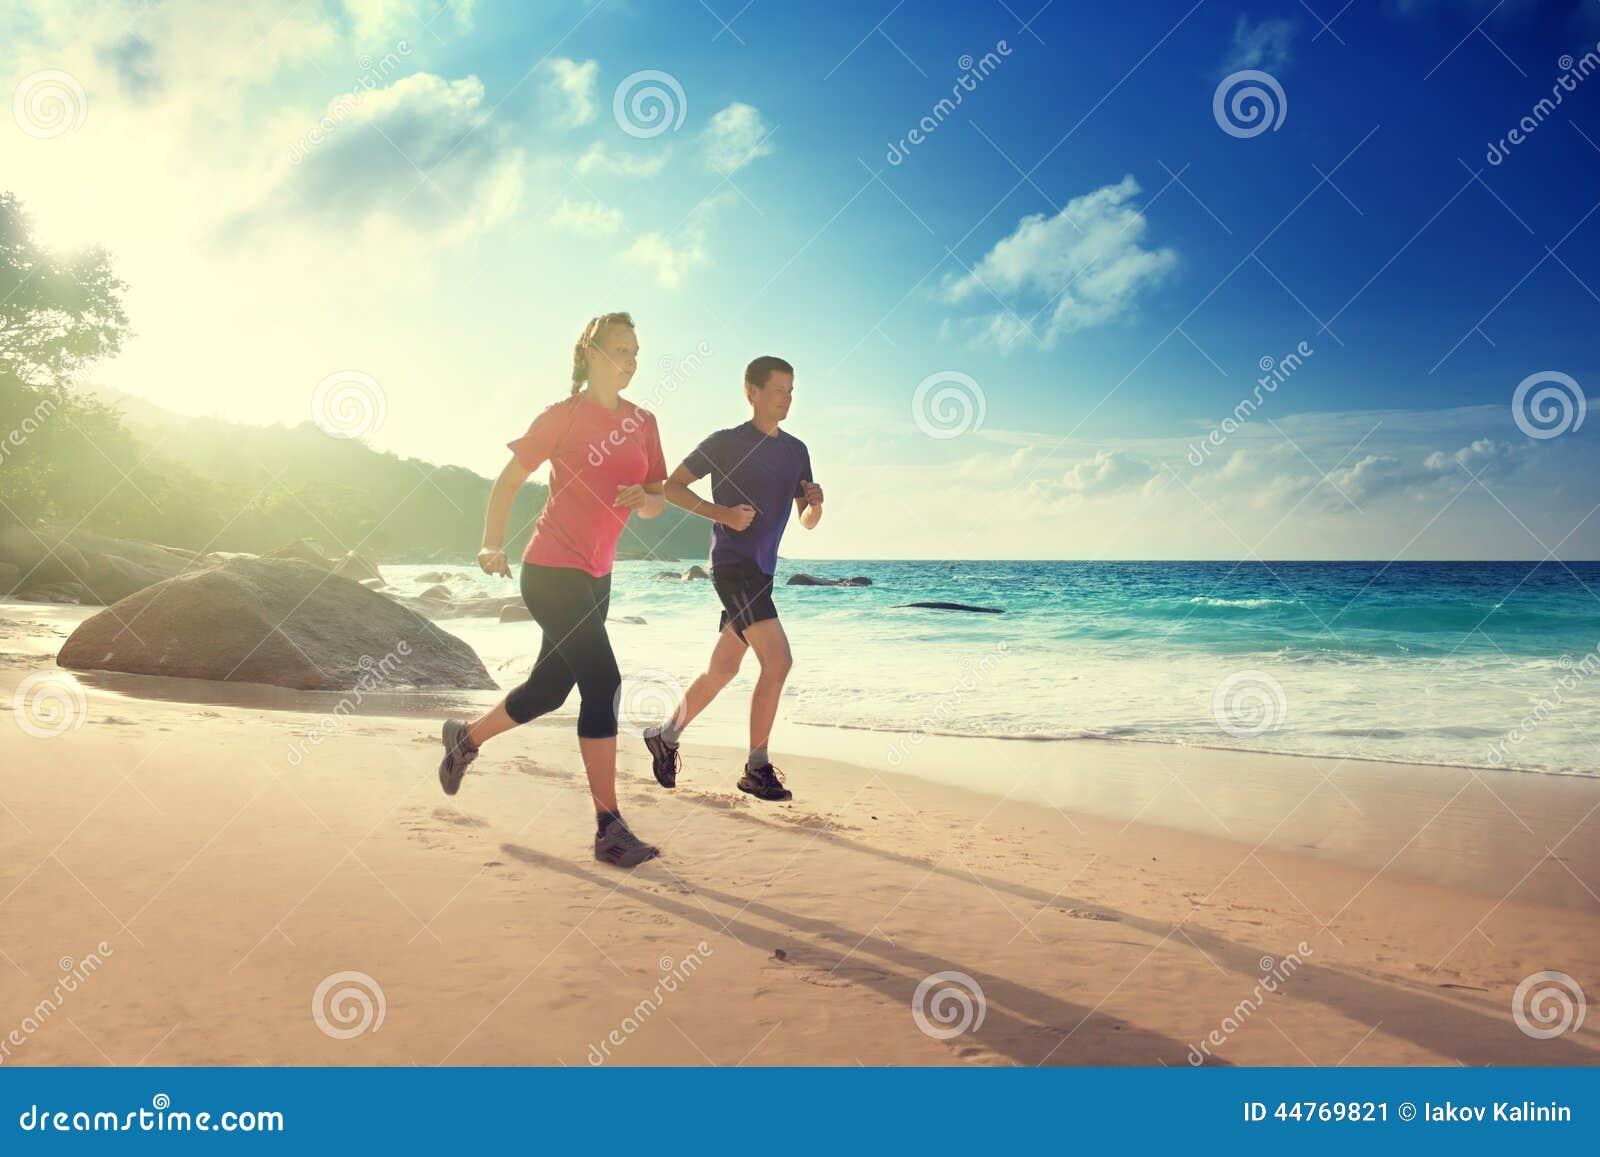 Άνδρας και γυναίκα που τρέχουν στην τροπική παραλία